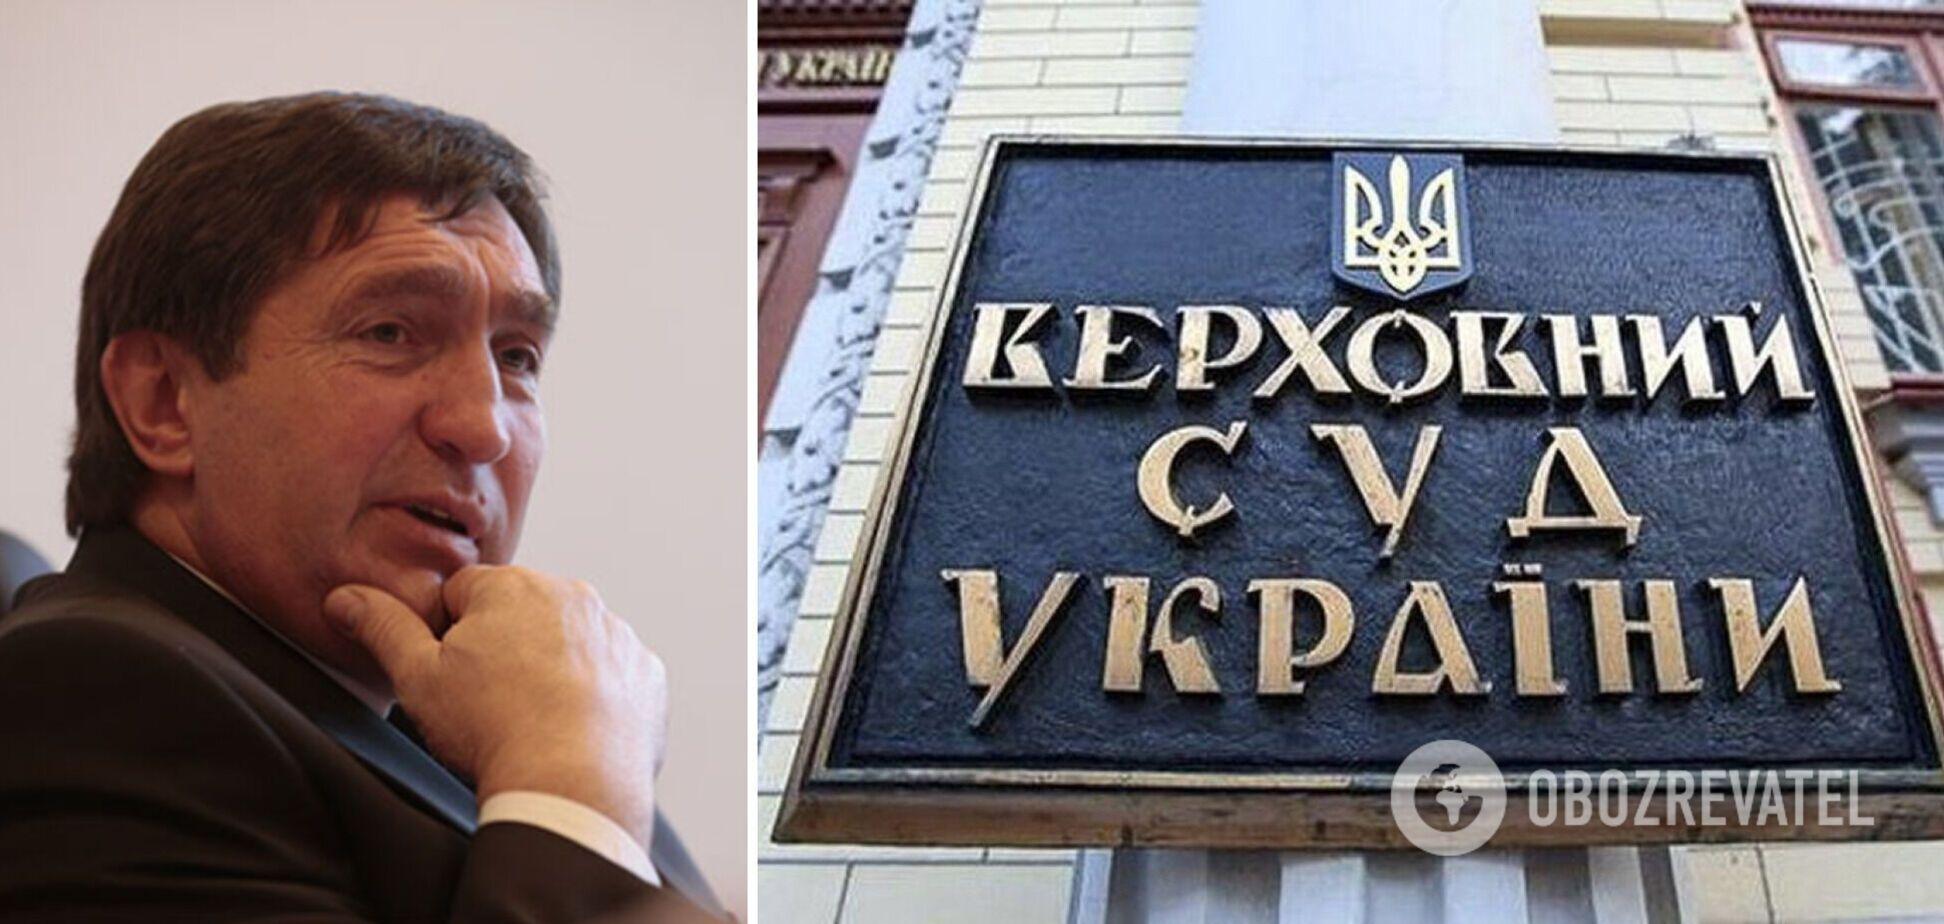 Трое судей Верховного суда Украины подали в оставку – СМИ